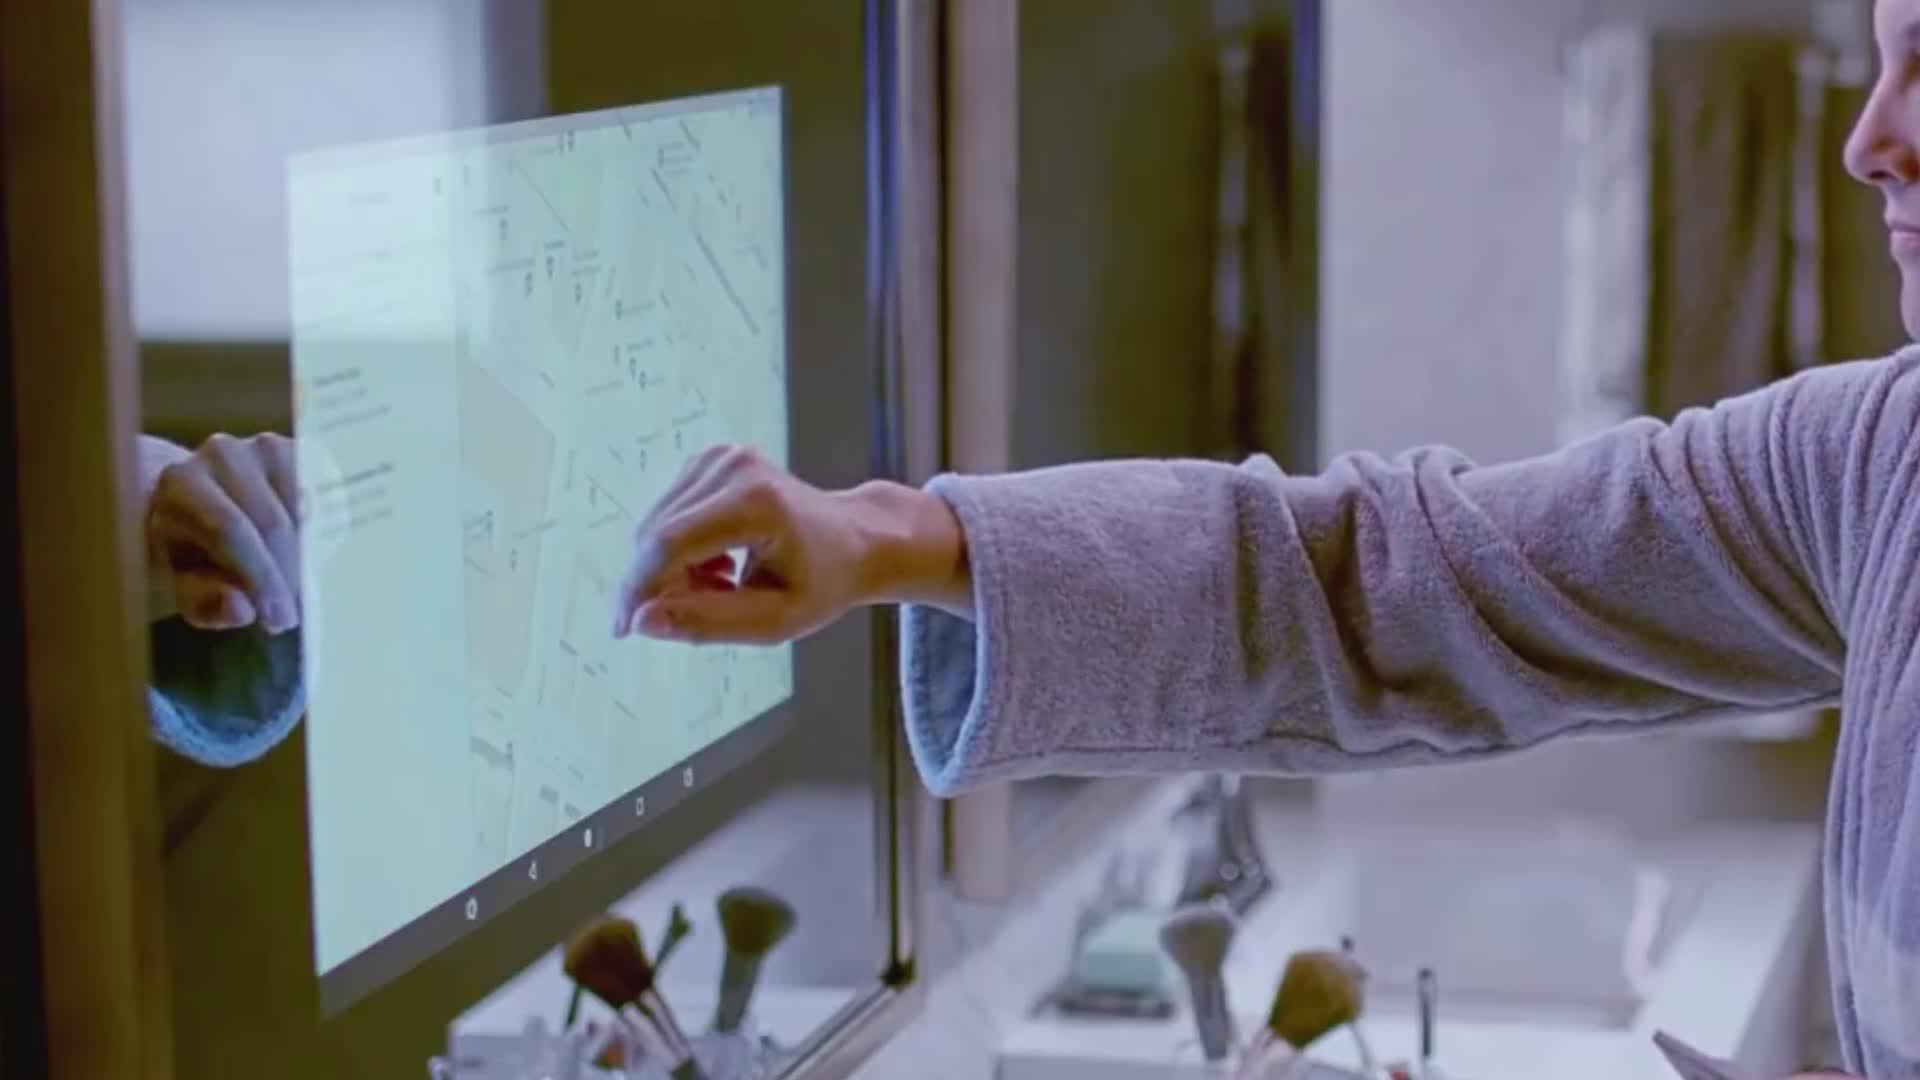 مرآة ذكية 4k hd كابينة تصوير مرآة سحريّة lcd